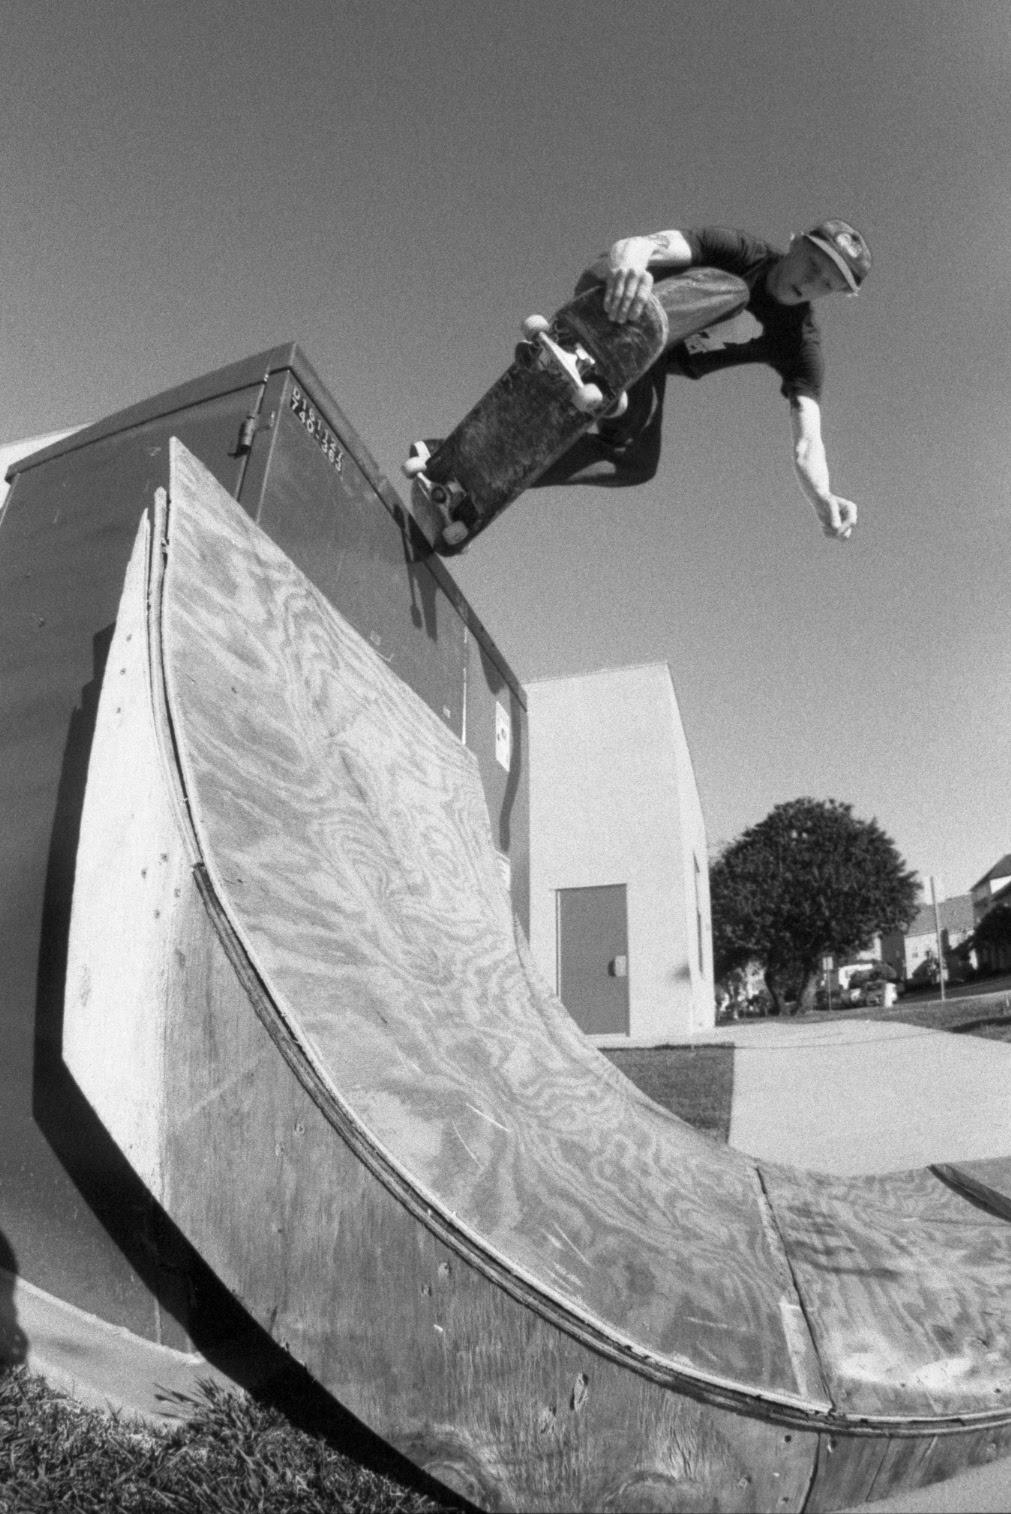 Matt Swanguen Vegan Skateboarder